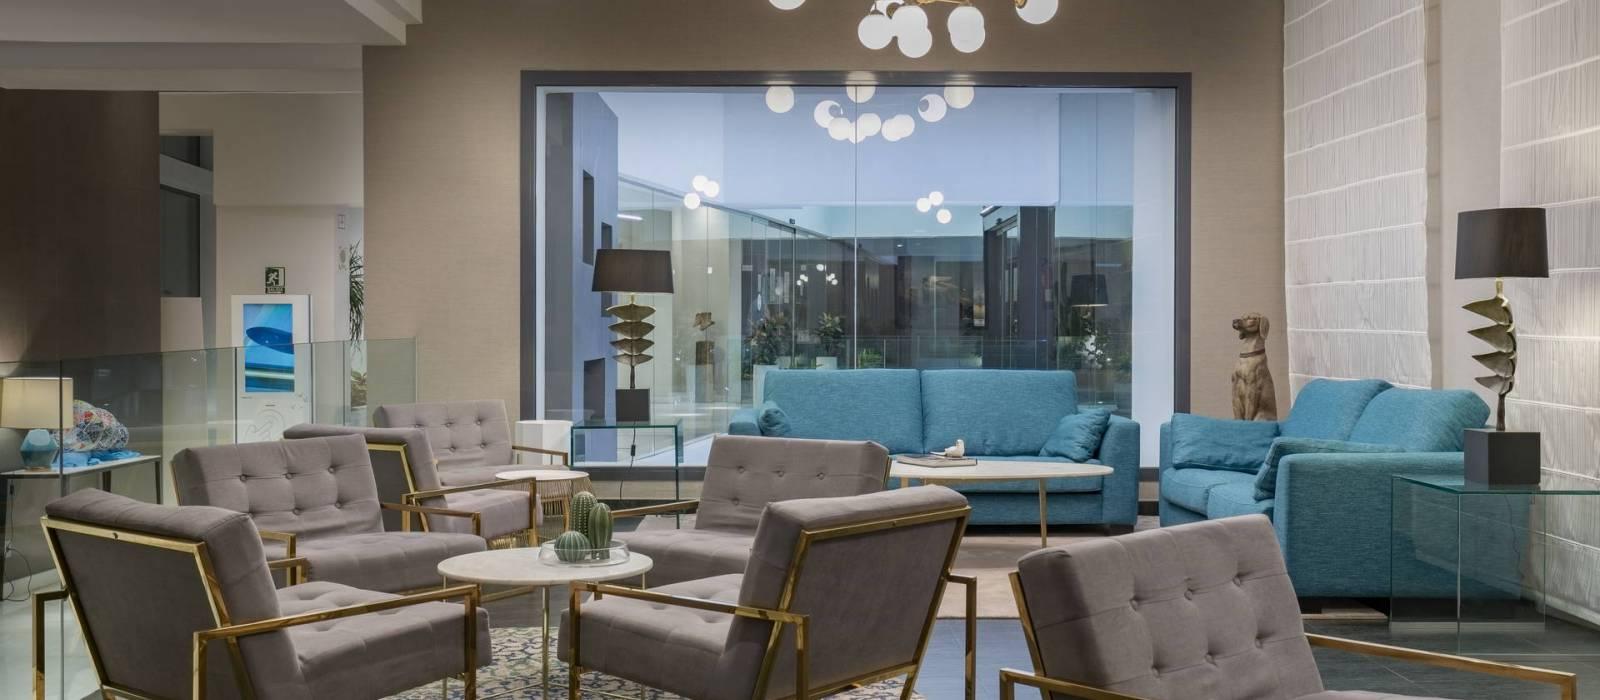 principal_vincci_posada_del_patio_hotel_malaga